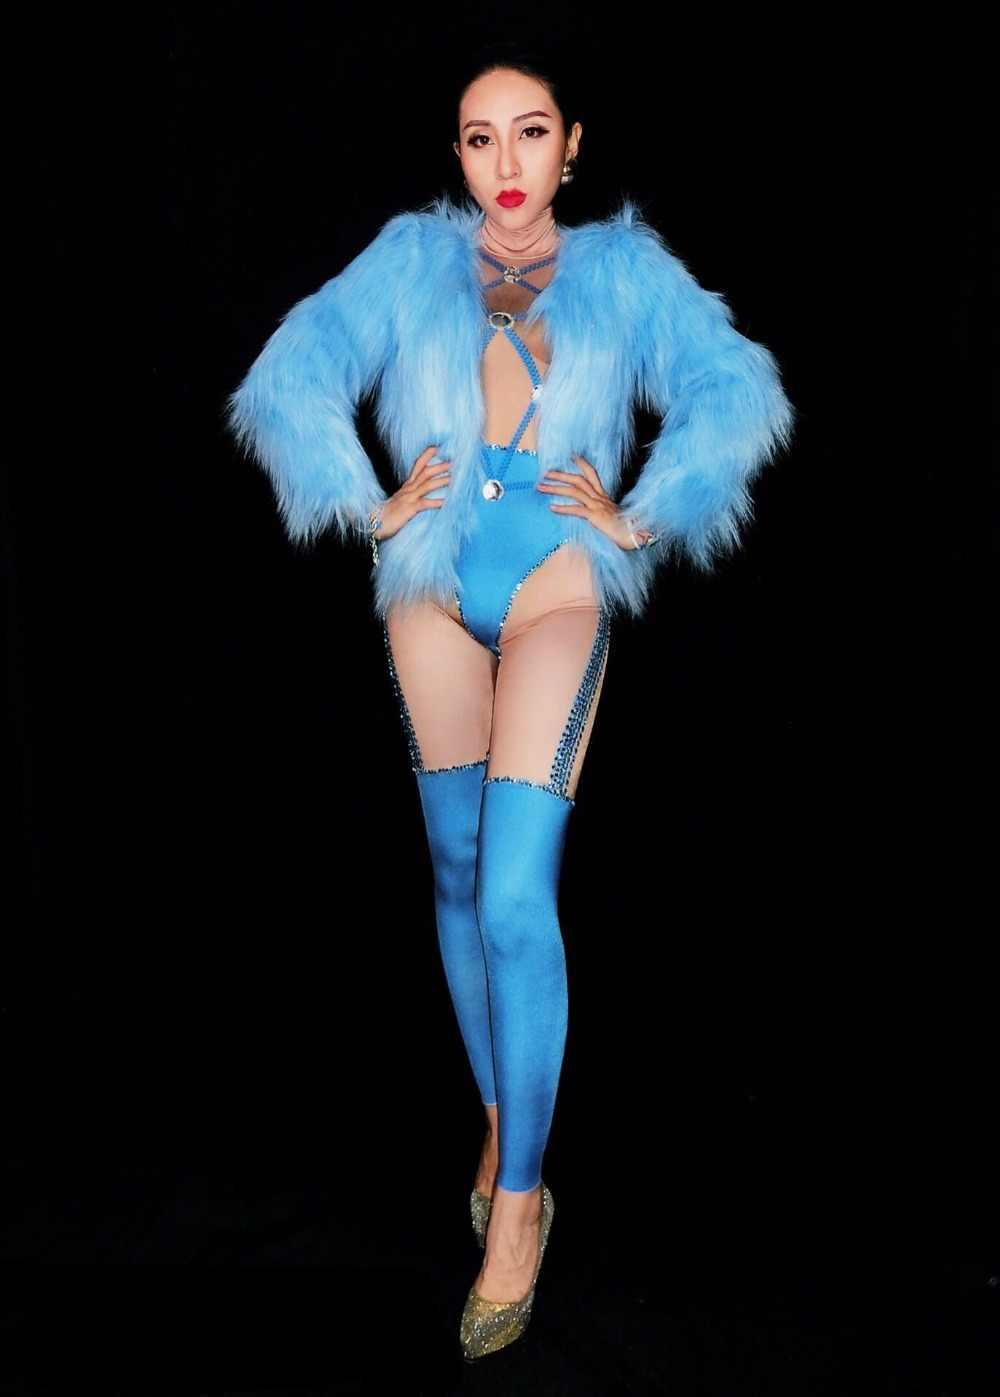 Женский сексуальный бар вечерние праздничные костюмы для певицы для сцены DJ DS одежда для выступлений Подиумные сценические комбинезоны синий комбинезон со стразами